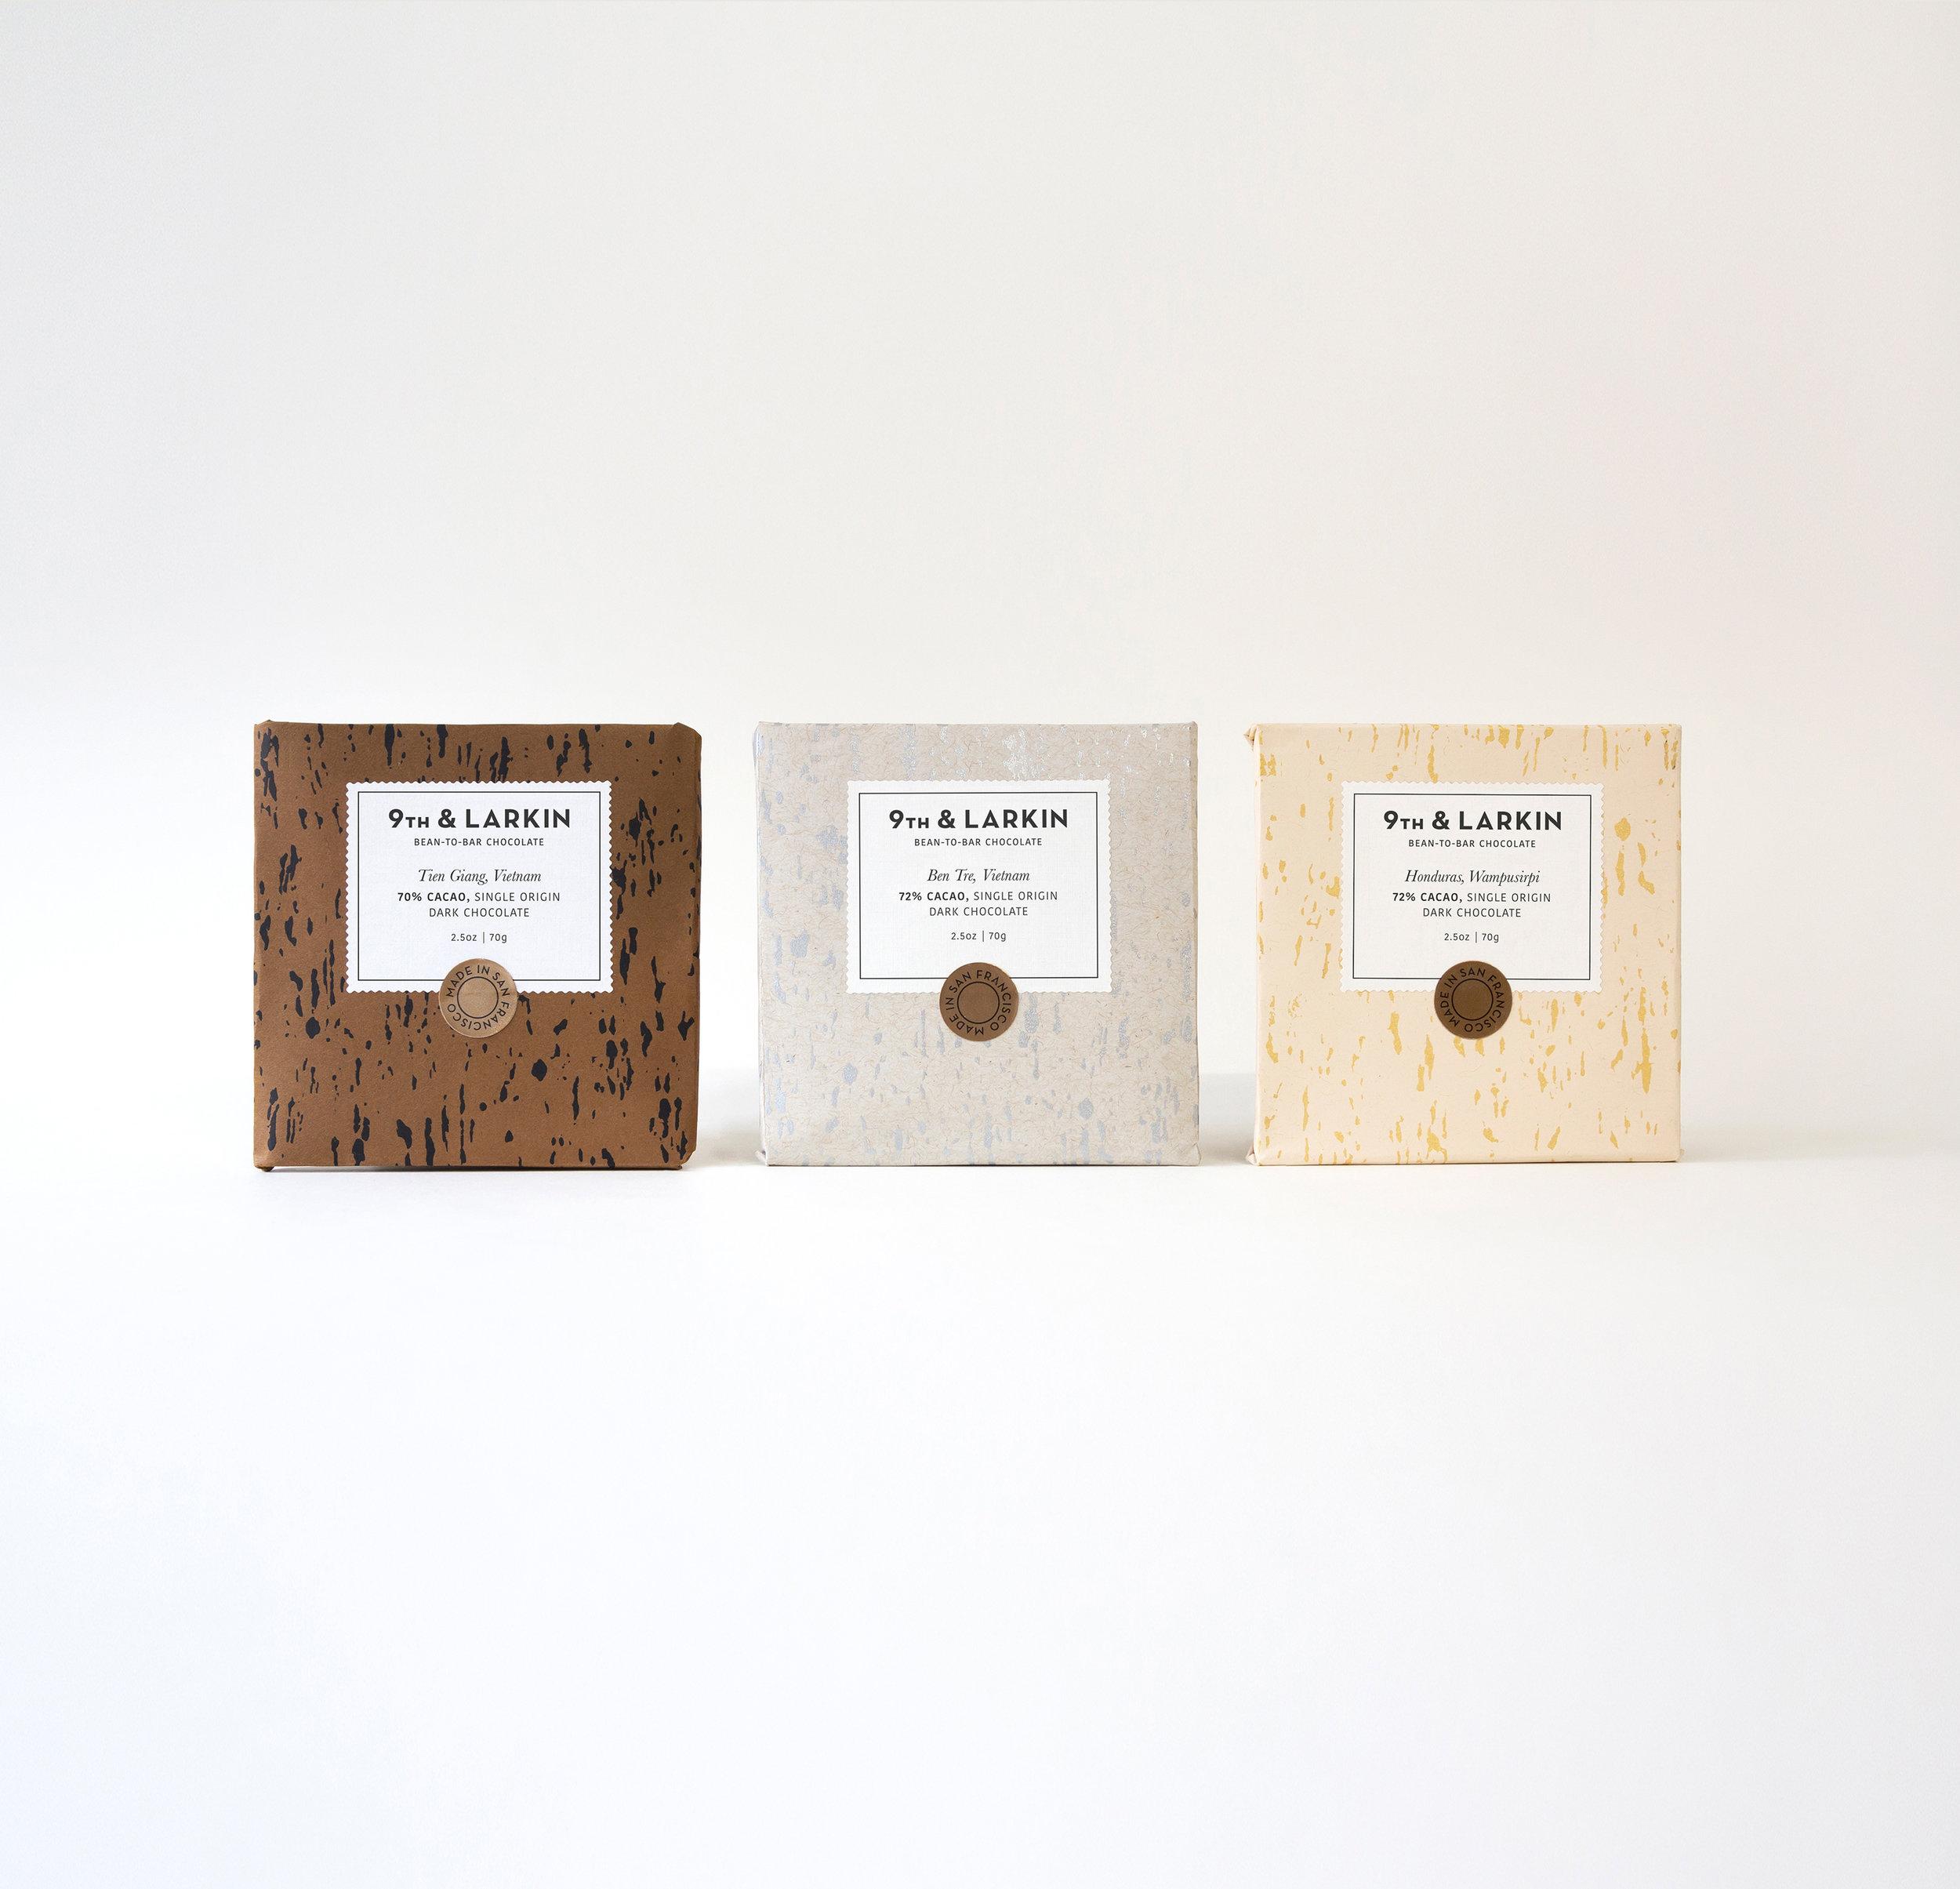 chocolate-packages-05.jpg